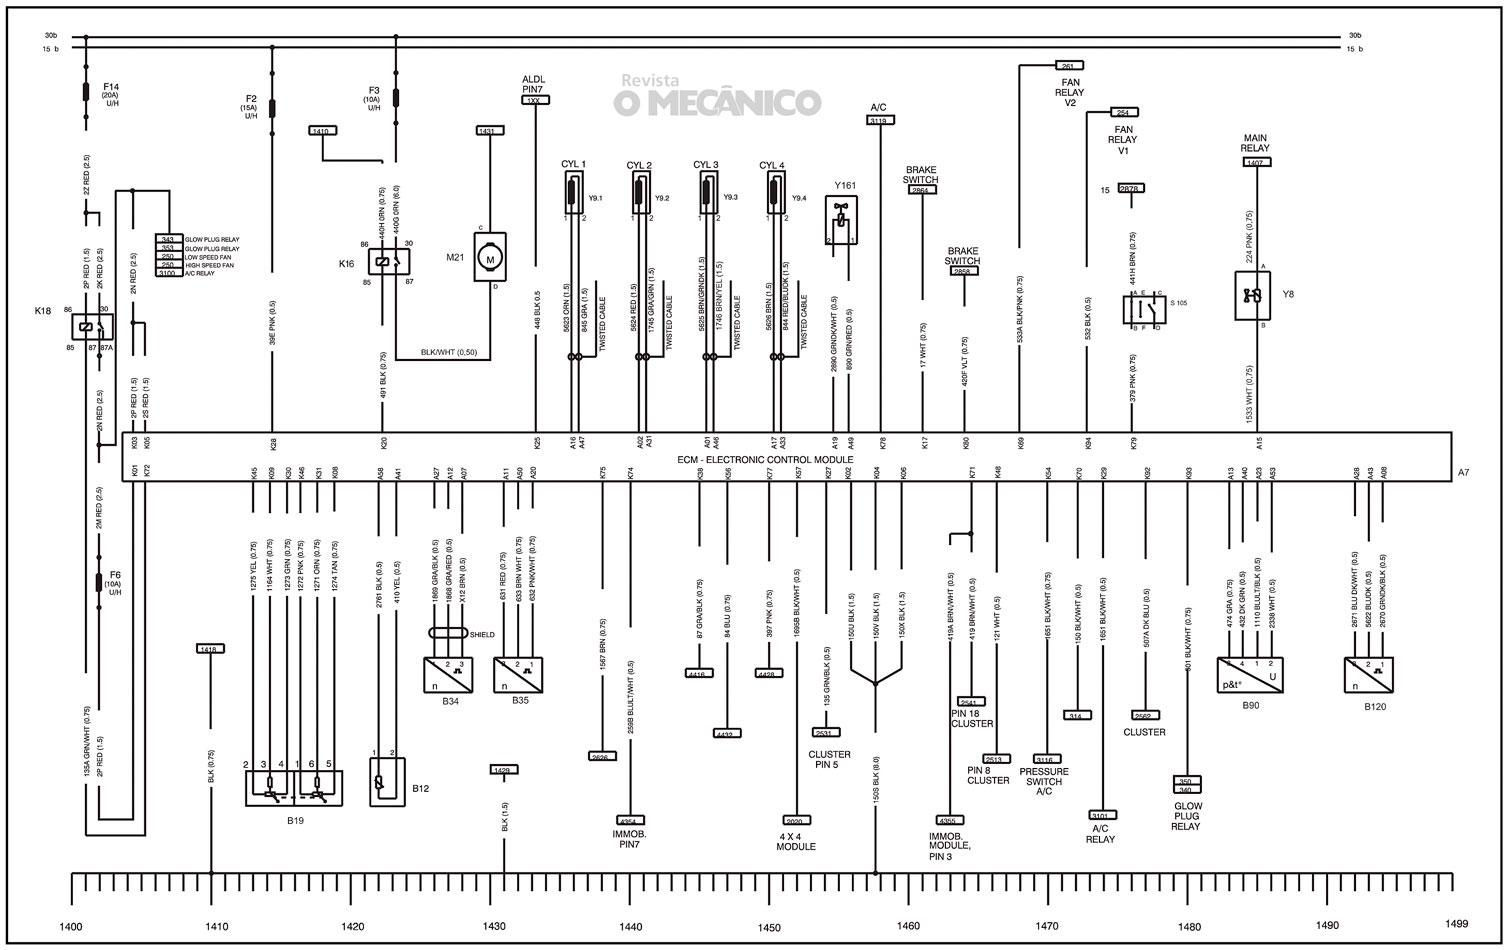 Revista O Mecanico Esquema Da Injecao Eletronica Da